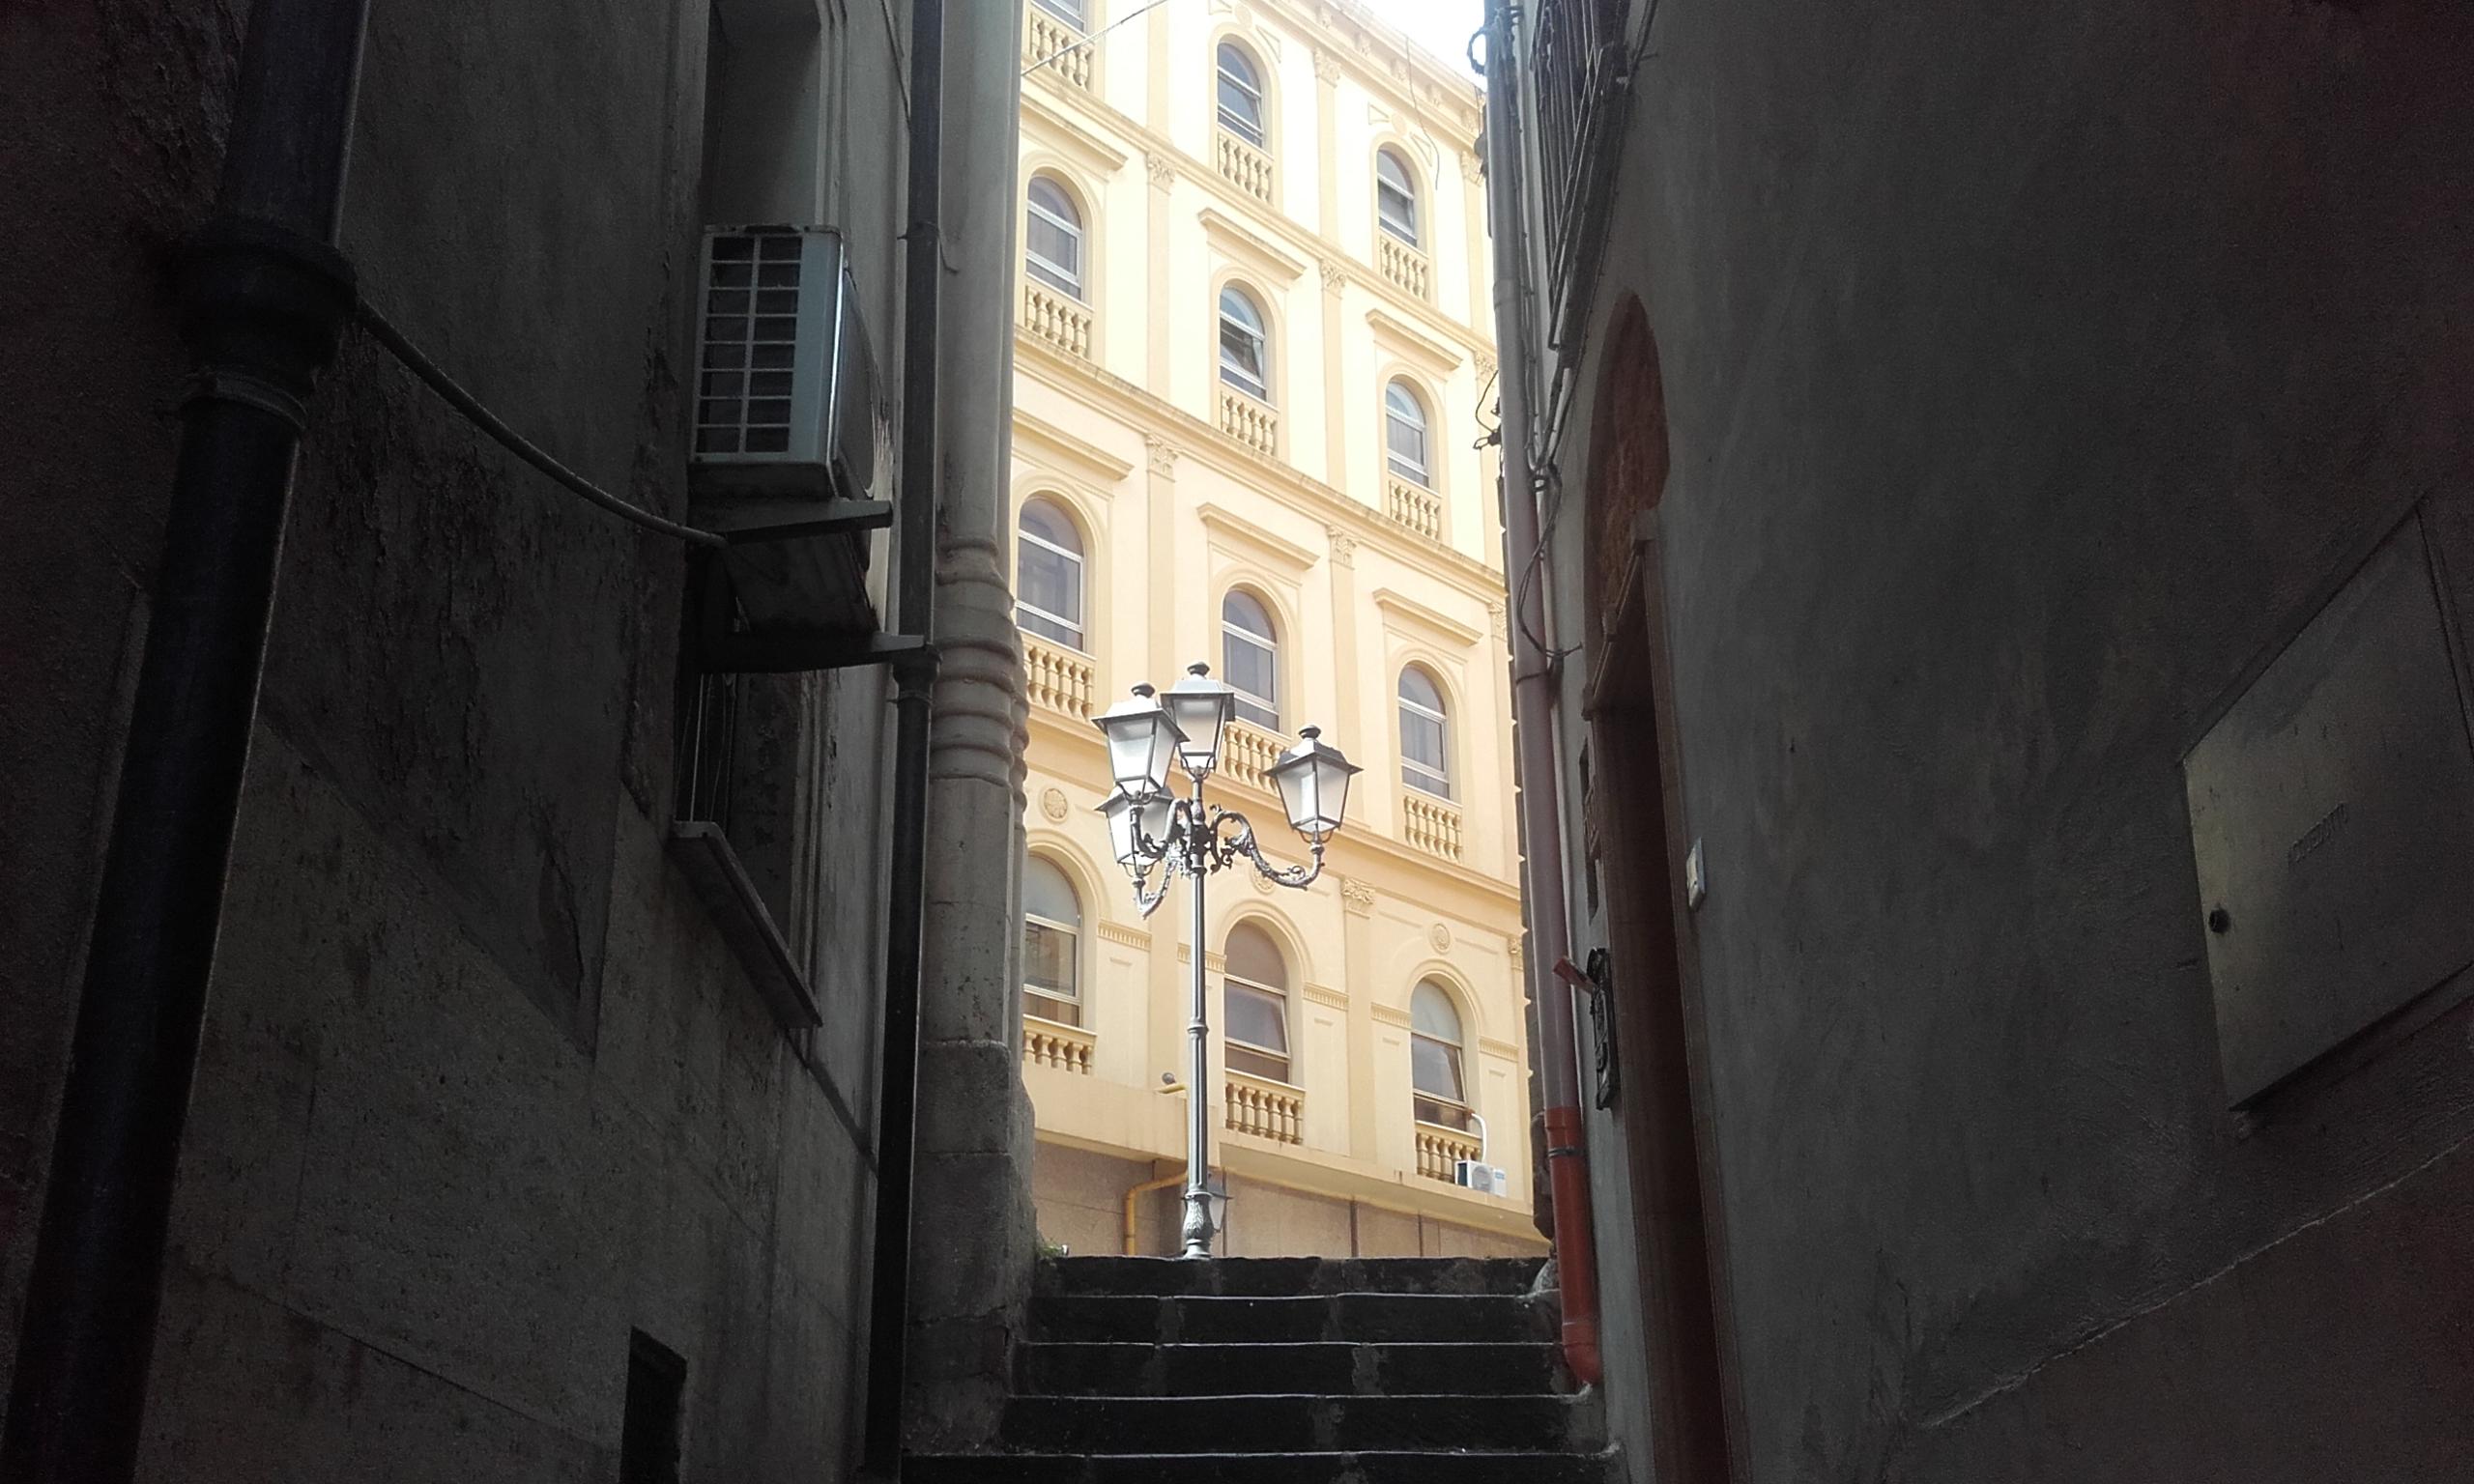 El callejón que conecta el Hostel Dimora con la Via Atenea